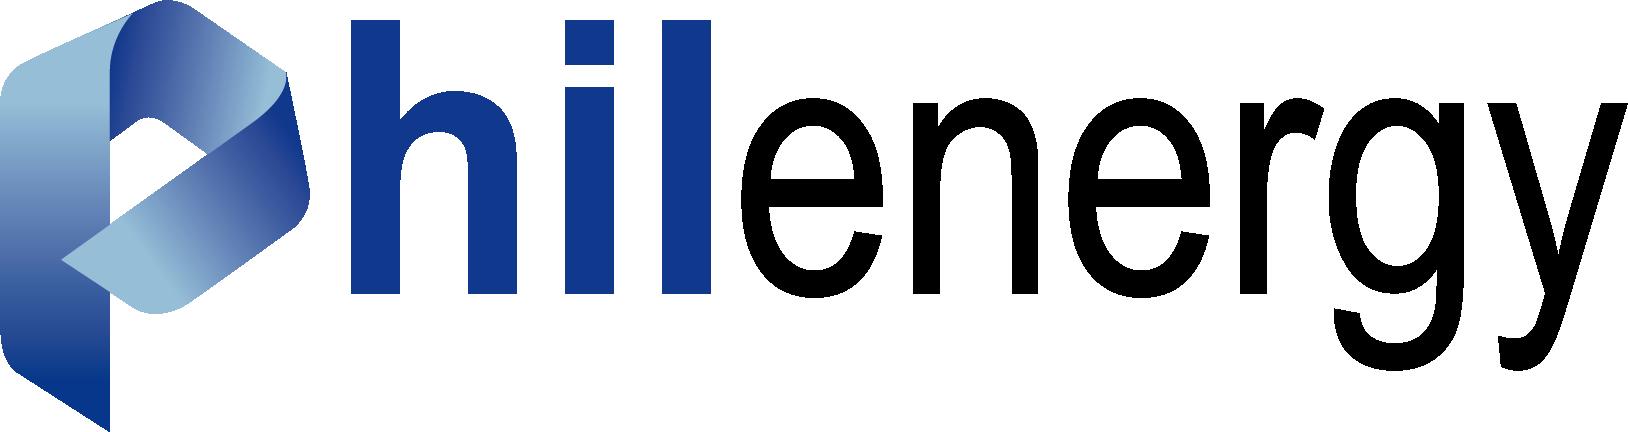 필옵틱스의 계열사 (주)필에너지의 로고